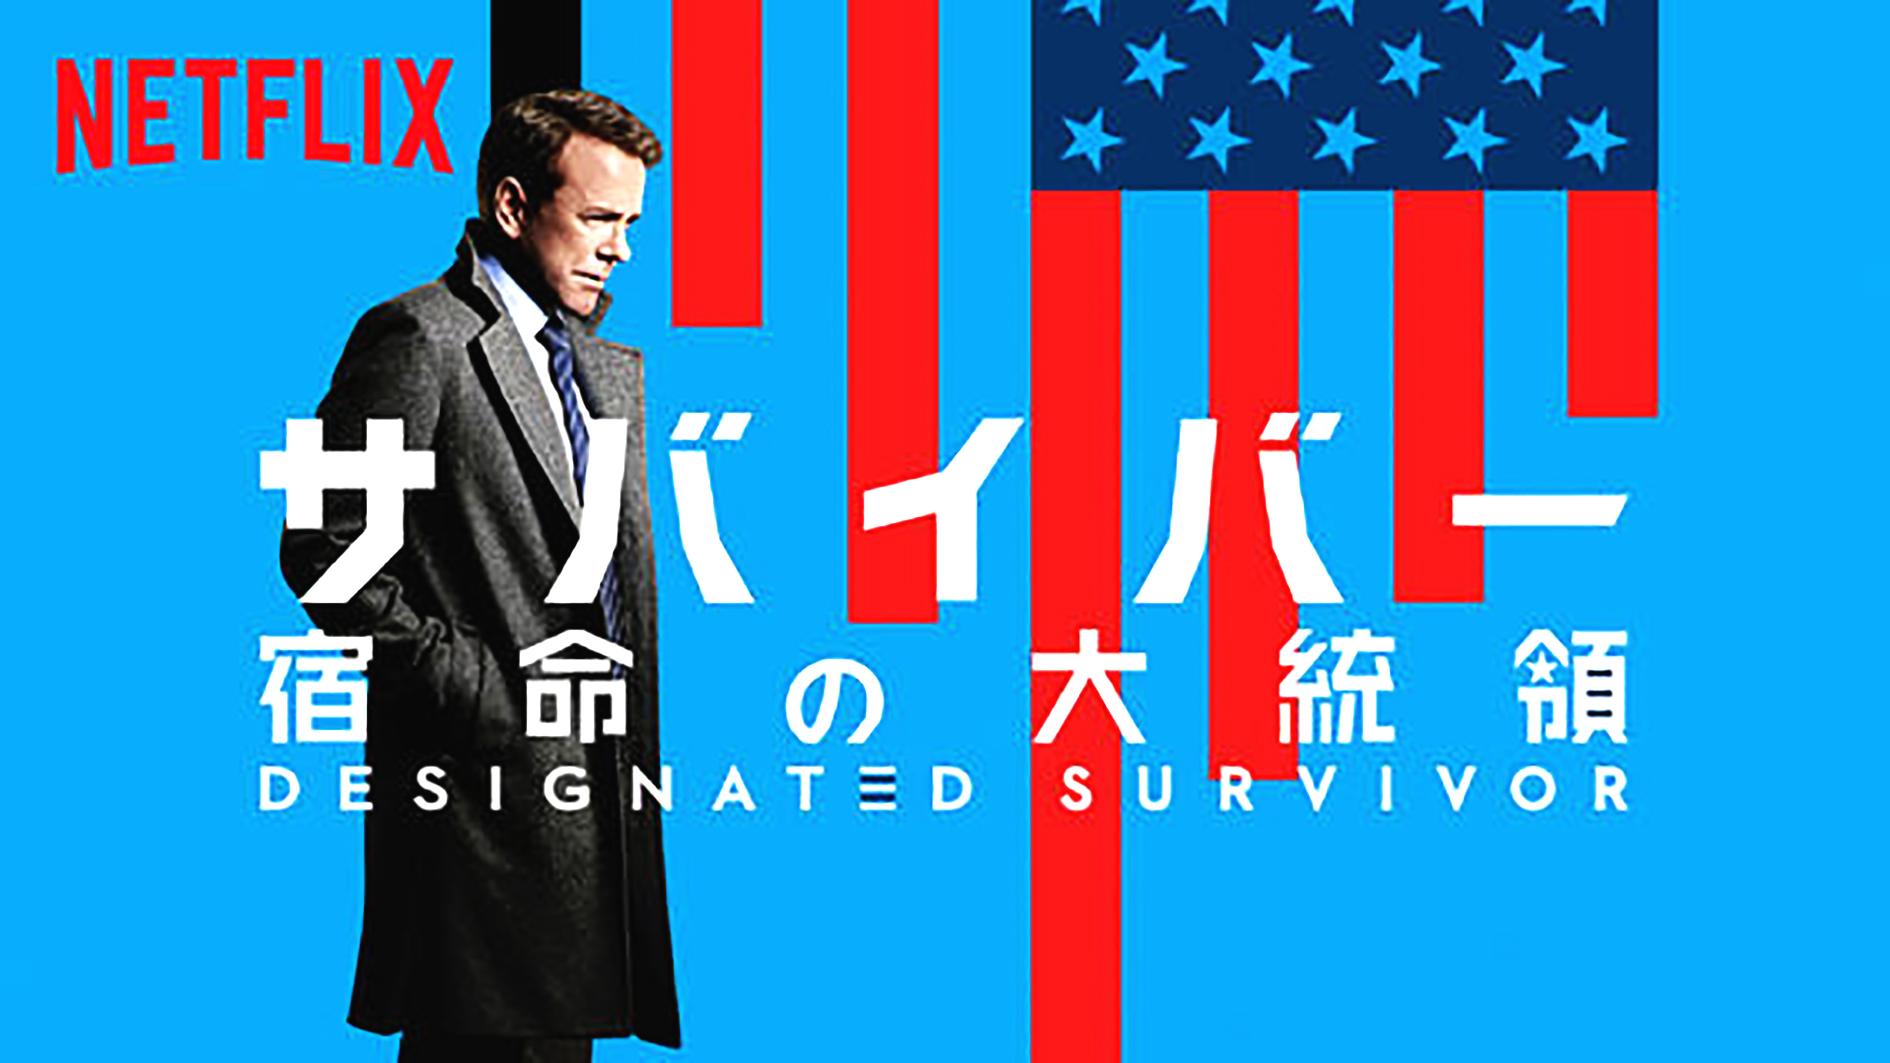 キーファー主演の新ドラマ『サバイバー:宿命の大統領』がNetflixでまもなく放送されます!